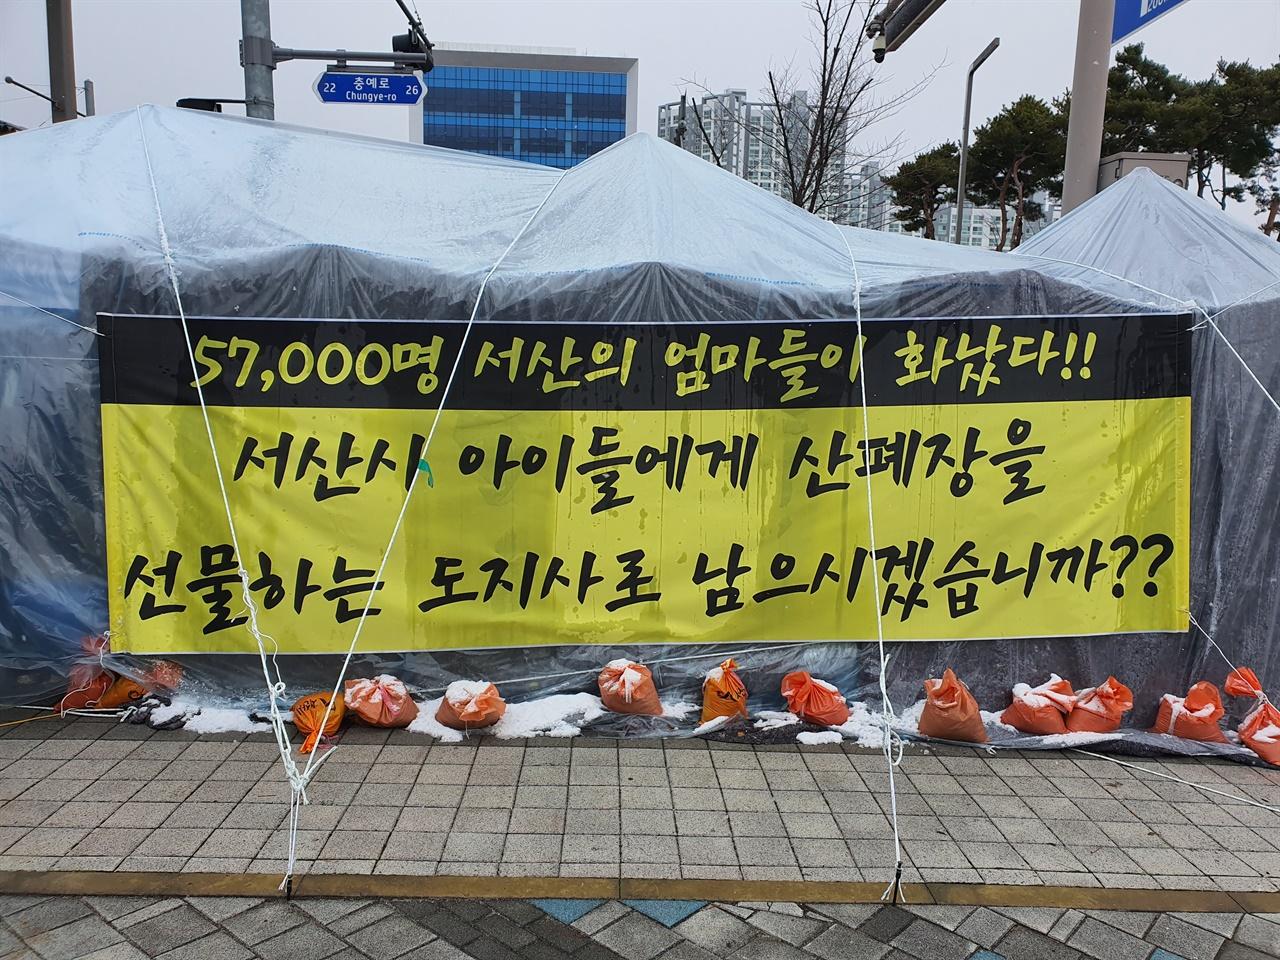 충남도청 앞에서 단식농성중인 천막에, 양 지사의 약속이행을 촉구하는 펼침막이 내걸렸다.